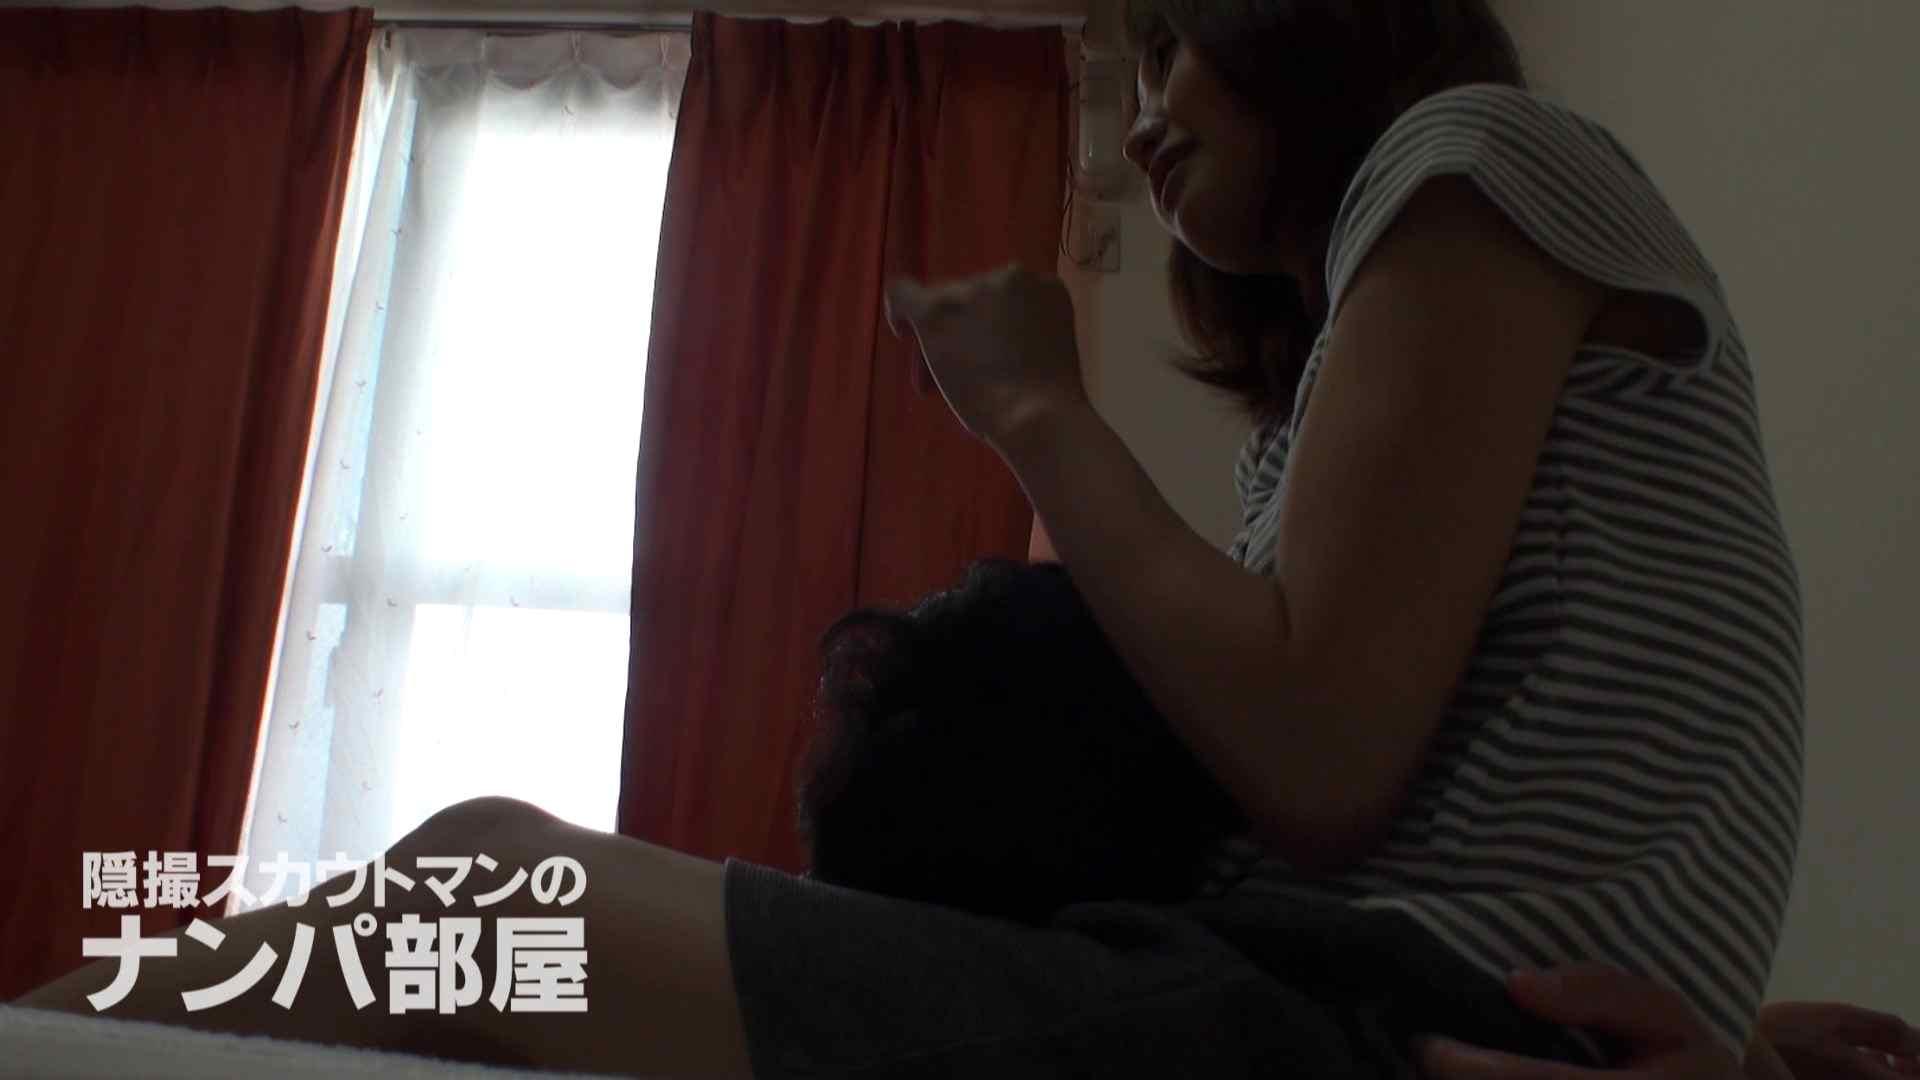 隠撮スカウトマンのナンパ部屋~風俗デビュー前のつまみ食い~ siivol.3 SEX SEX無修正画像 55連発 39